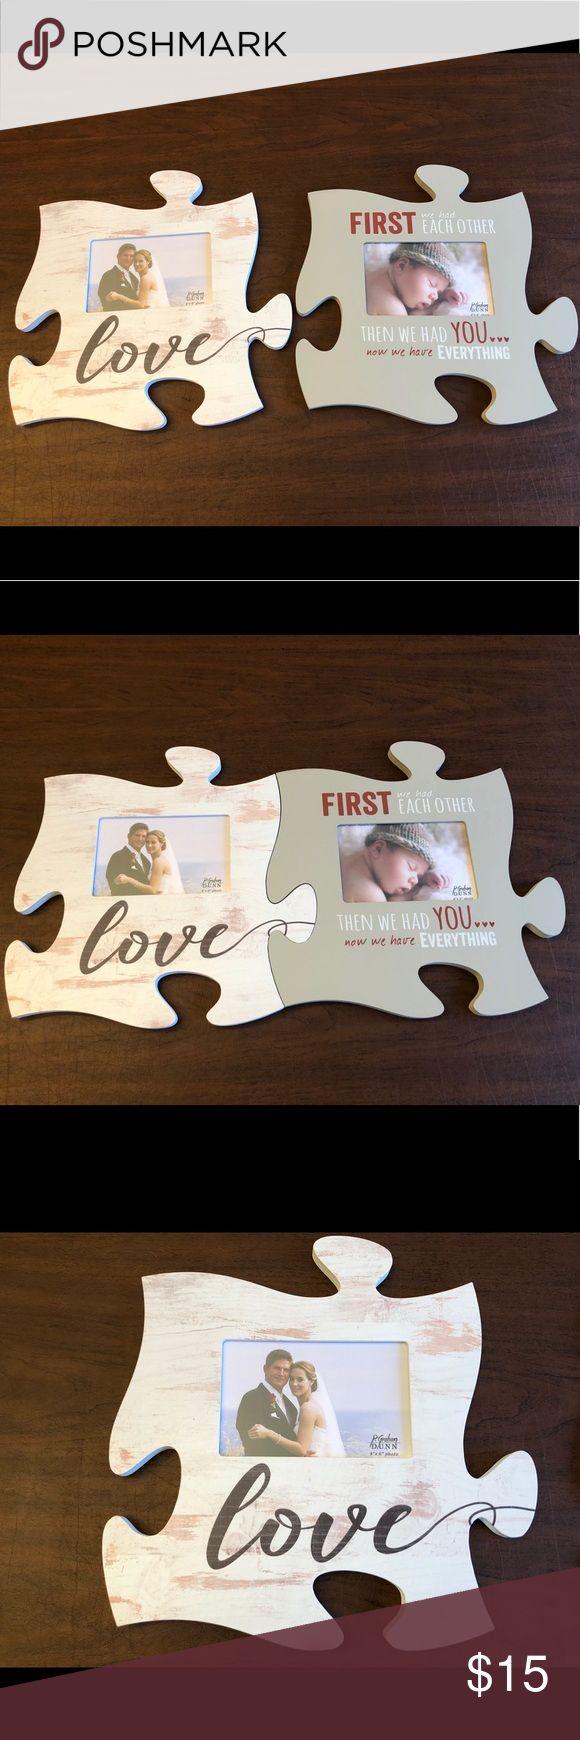 2 new puzzle piece picture frames Puzzle piece picture